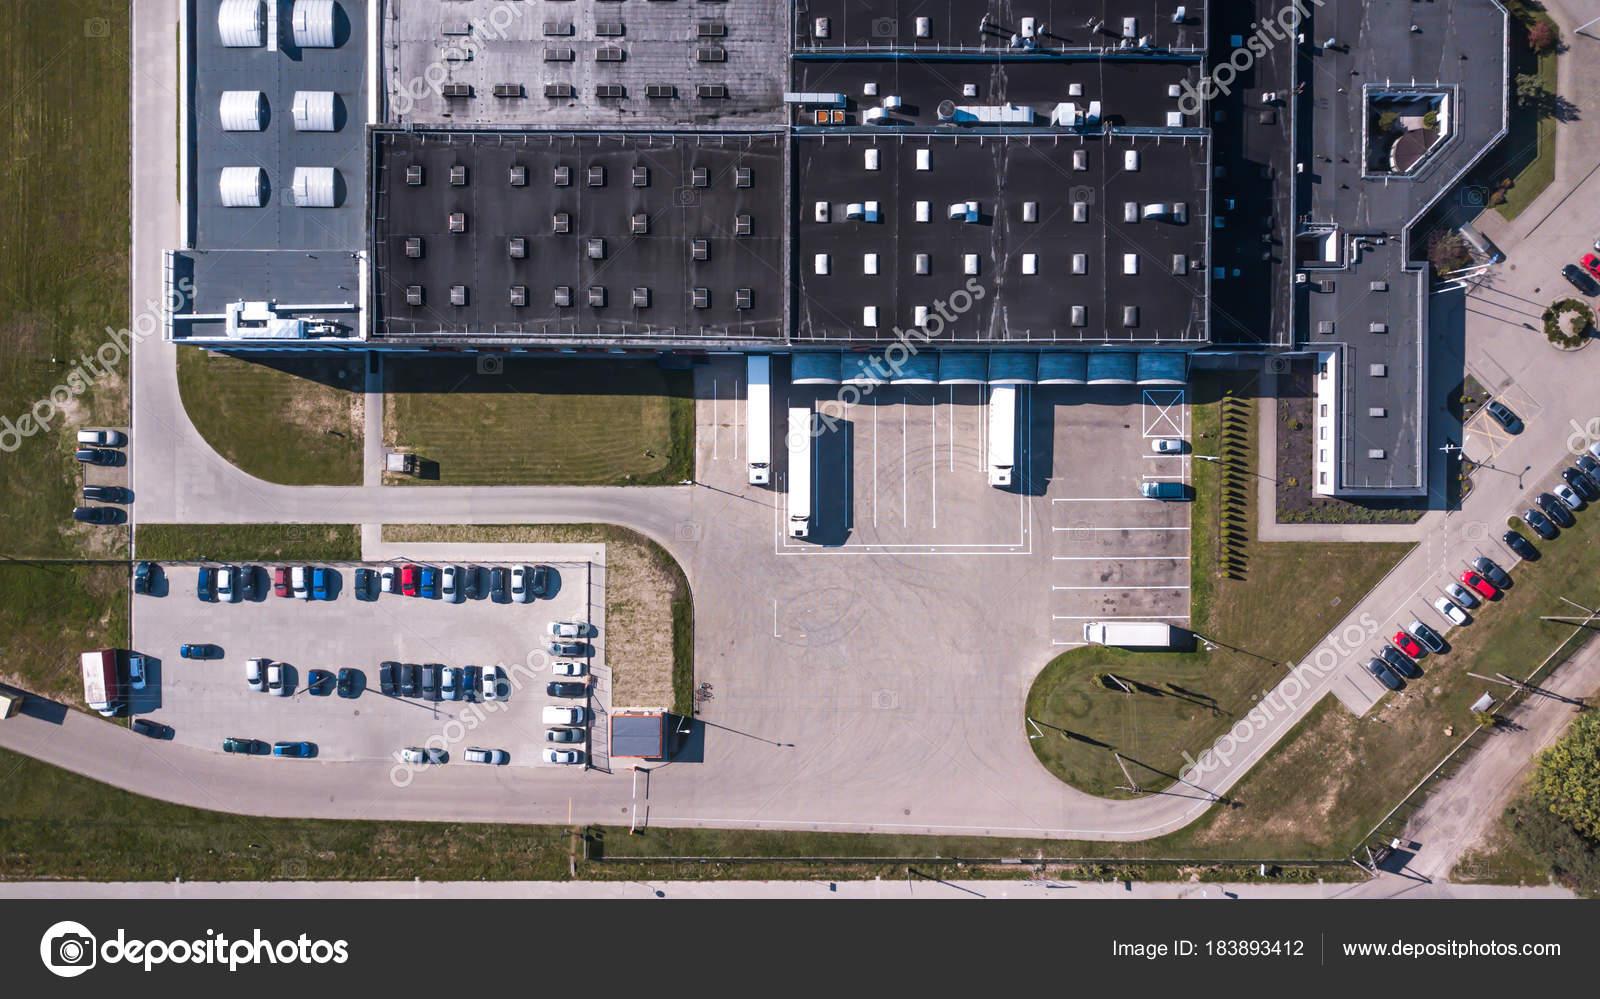 Fotos Almacenes Logisticos Vista Aérea De Almacén De Mercancías